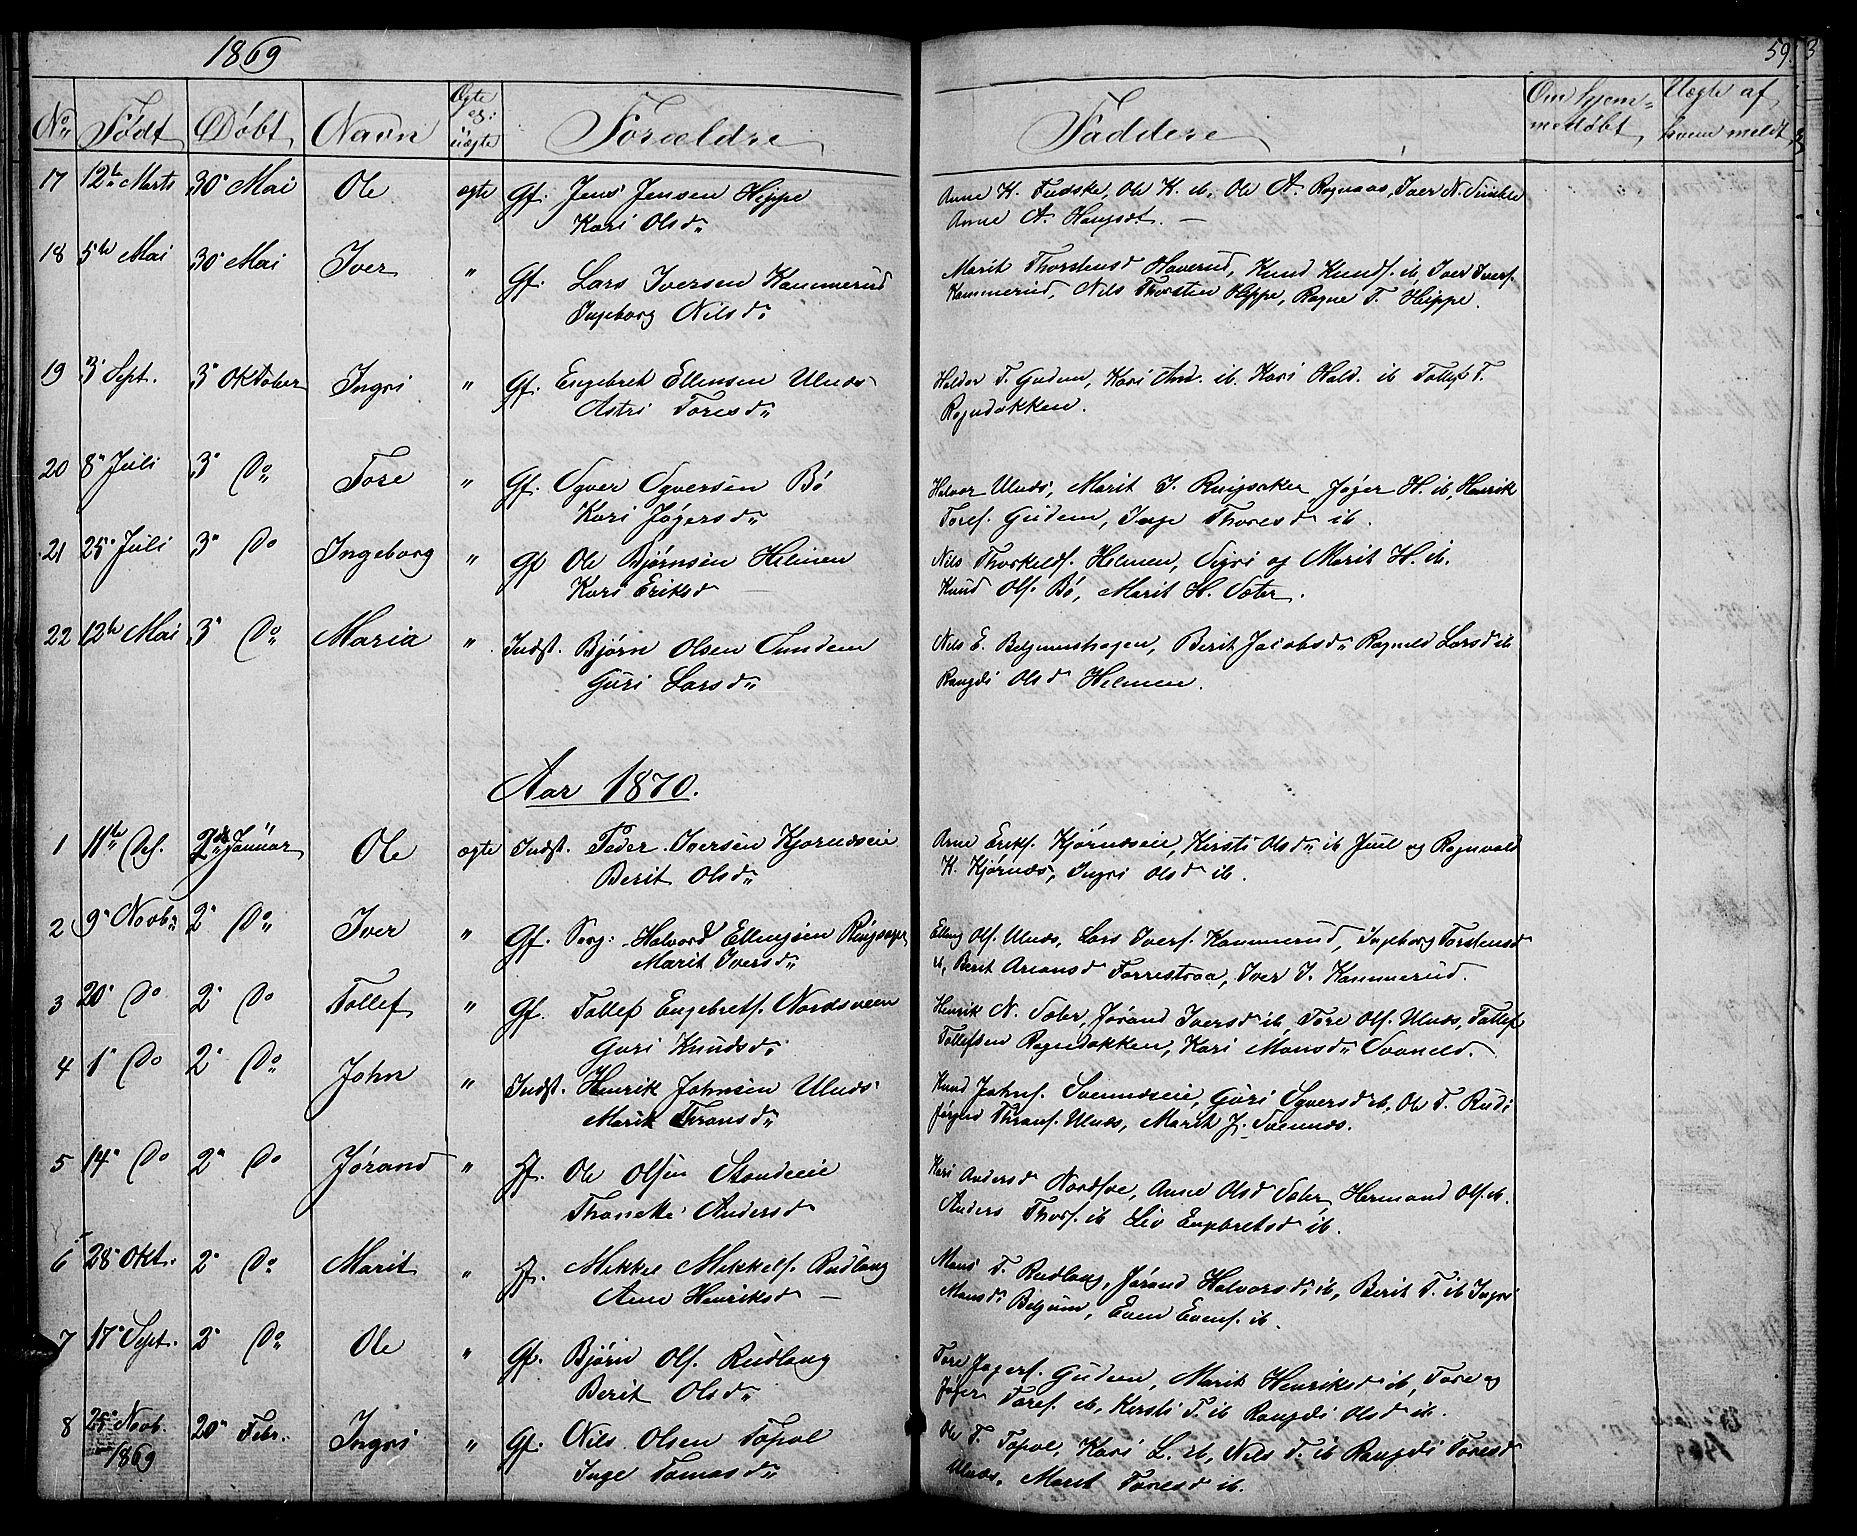 SAH, Nord-Aurdal prestekontor, Klokkerbok nr. 4, 1842-1882, s. 59